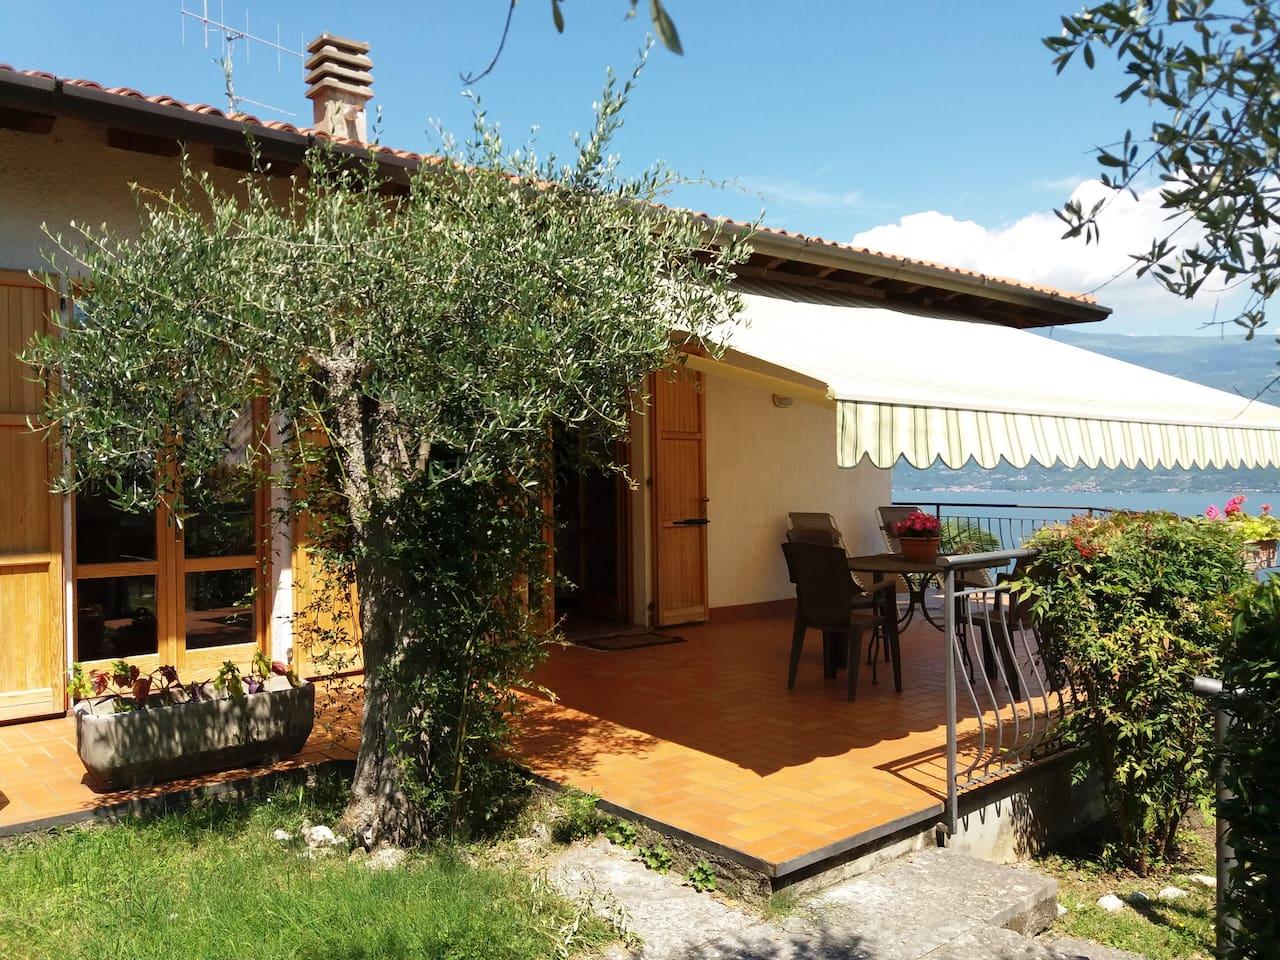 Il regno di Aldo - case in affitto a Gargnano, Lombardia, Italia